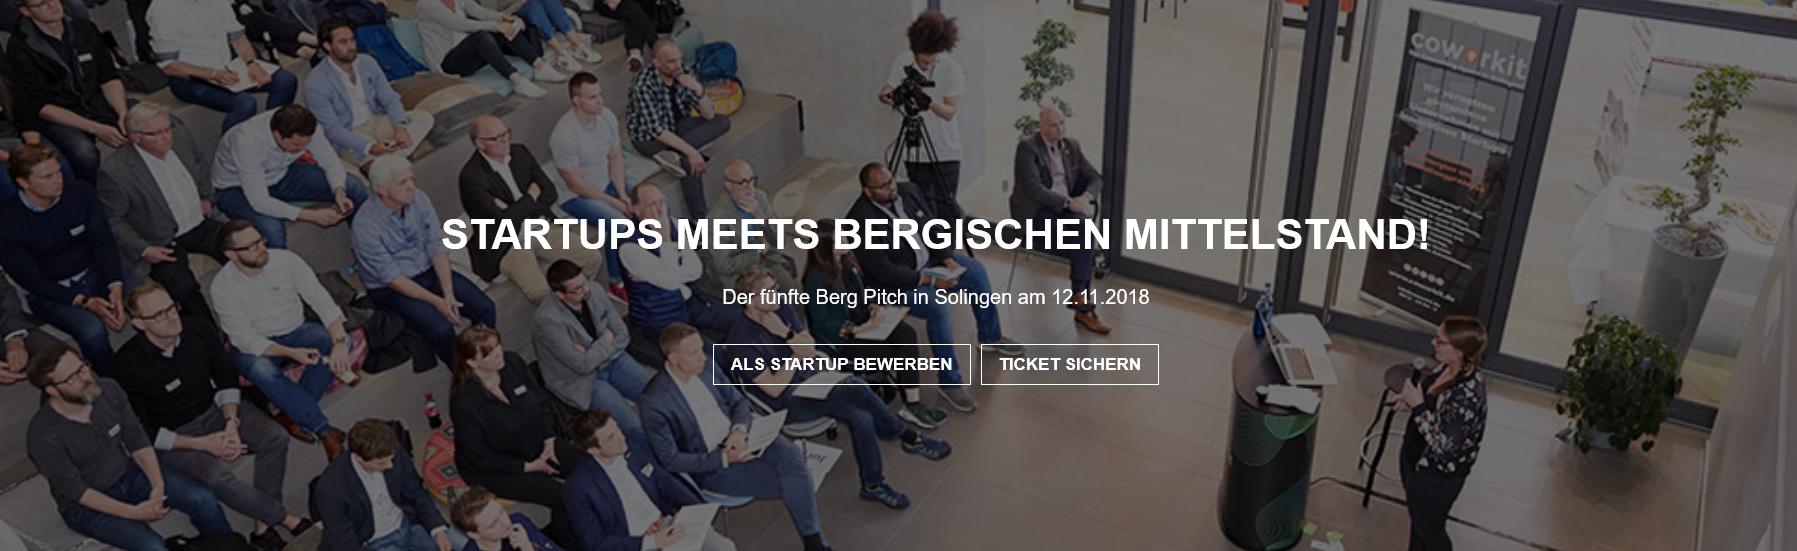 Bewerbung bis 21.10.18: Berg-Pitch in Solingen lockt Startups mit Preisgeldern und Stipendien